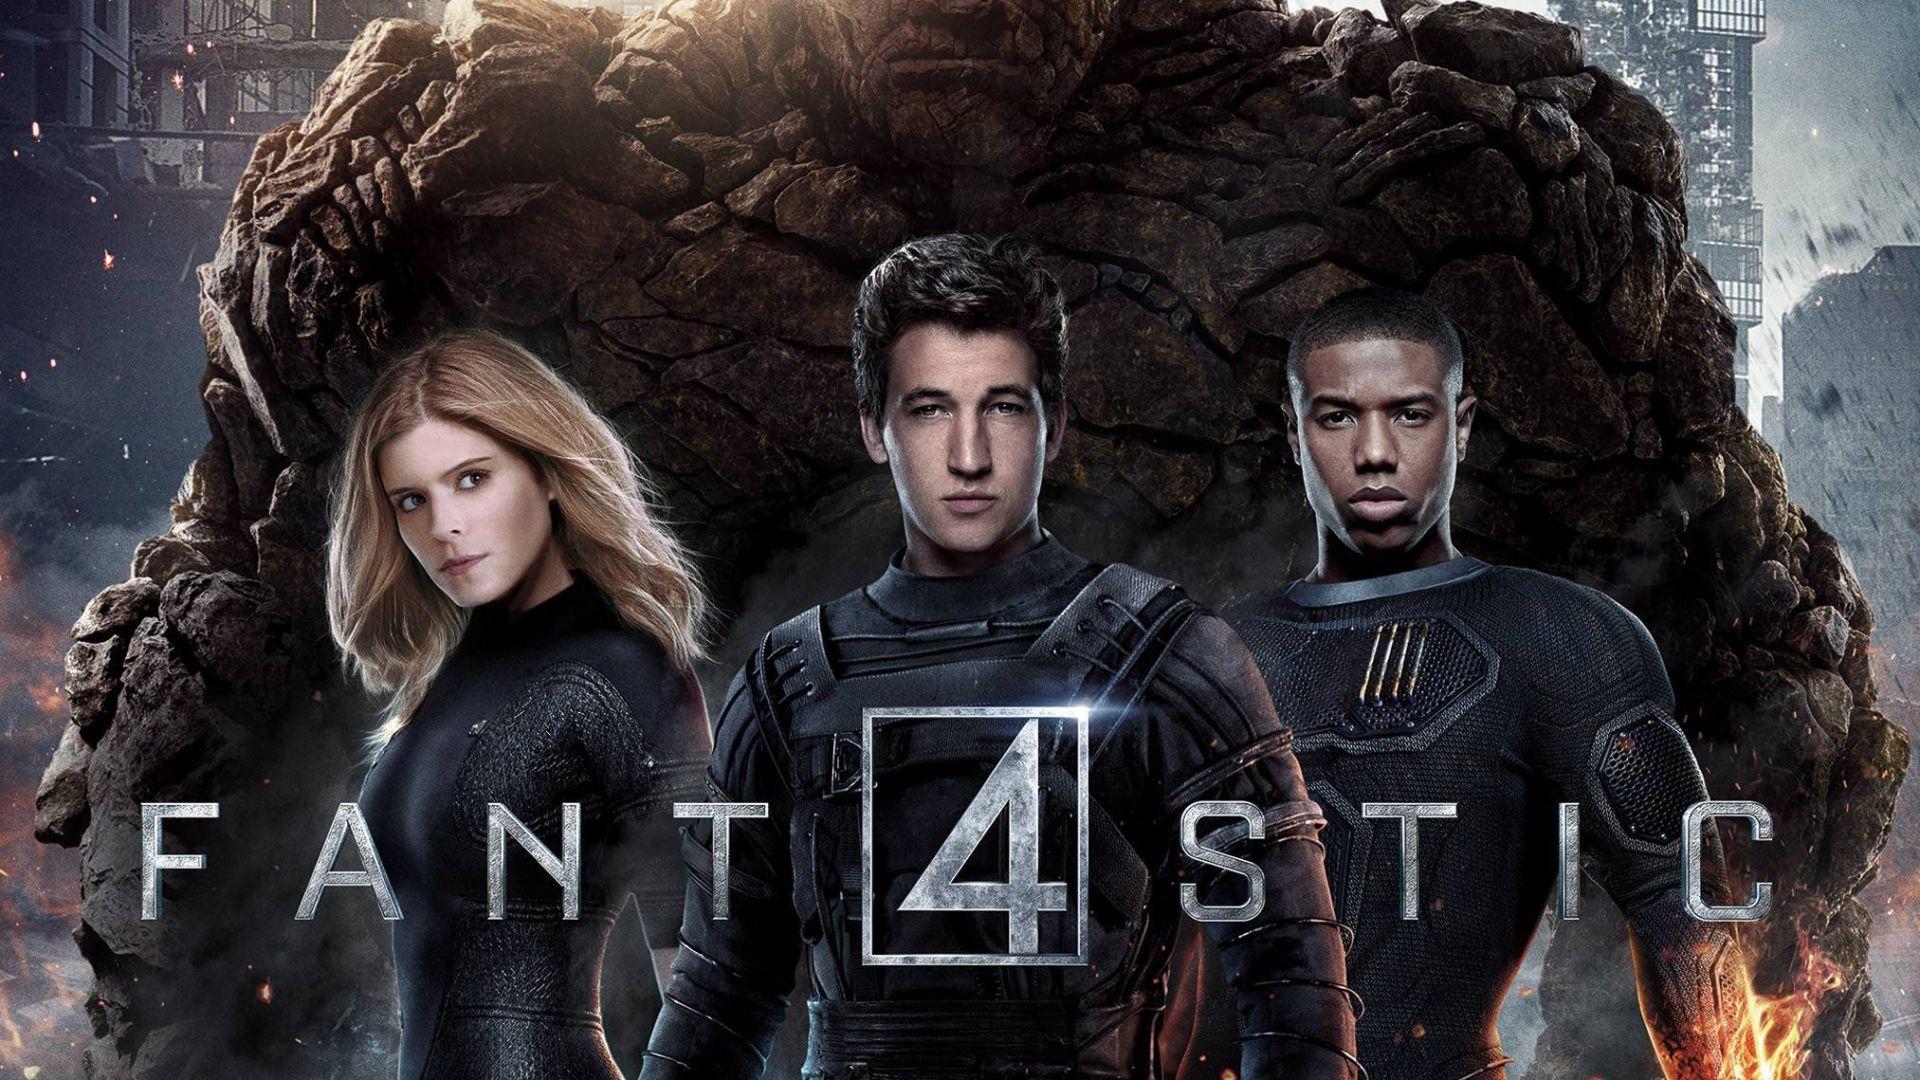 Фантастическая четверка смотреть онлайн в хорошем качества HD 720p